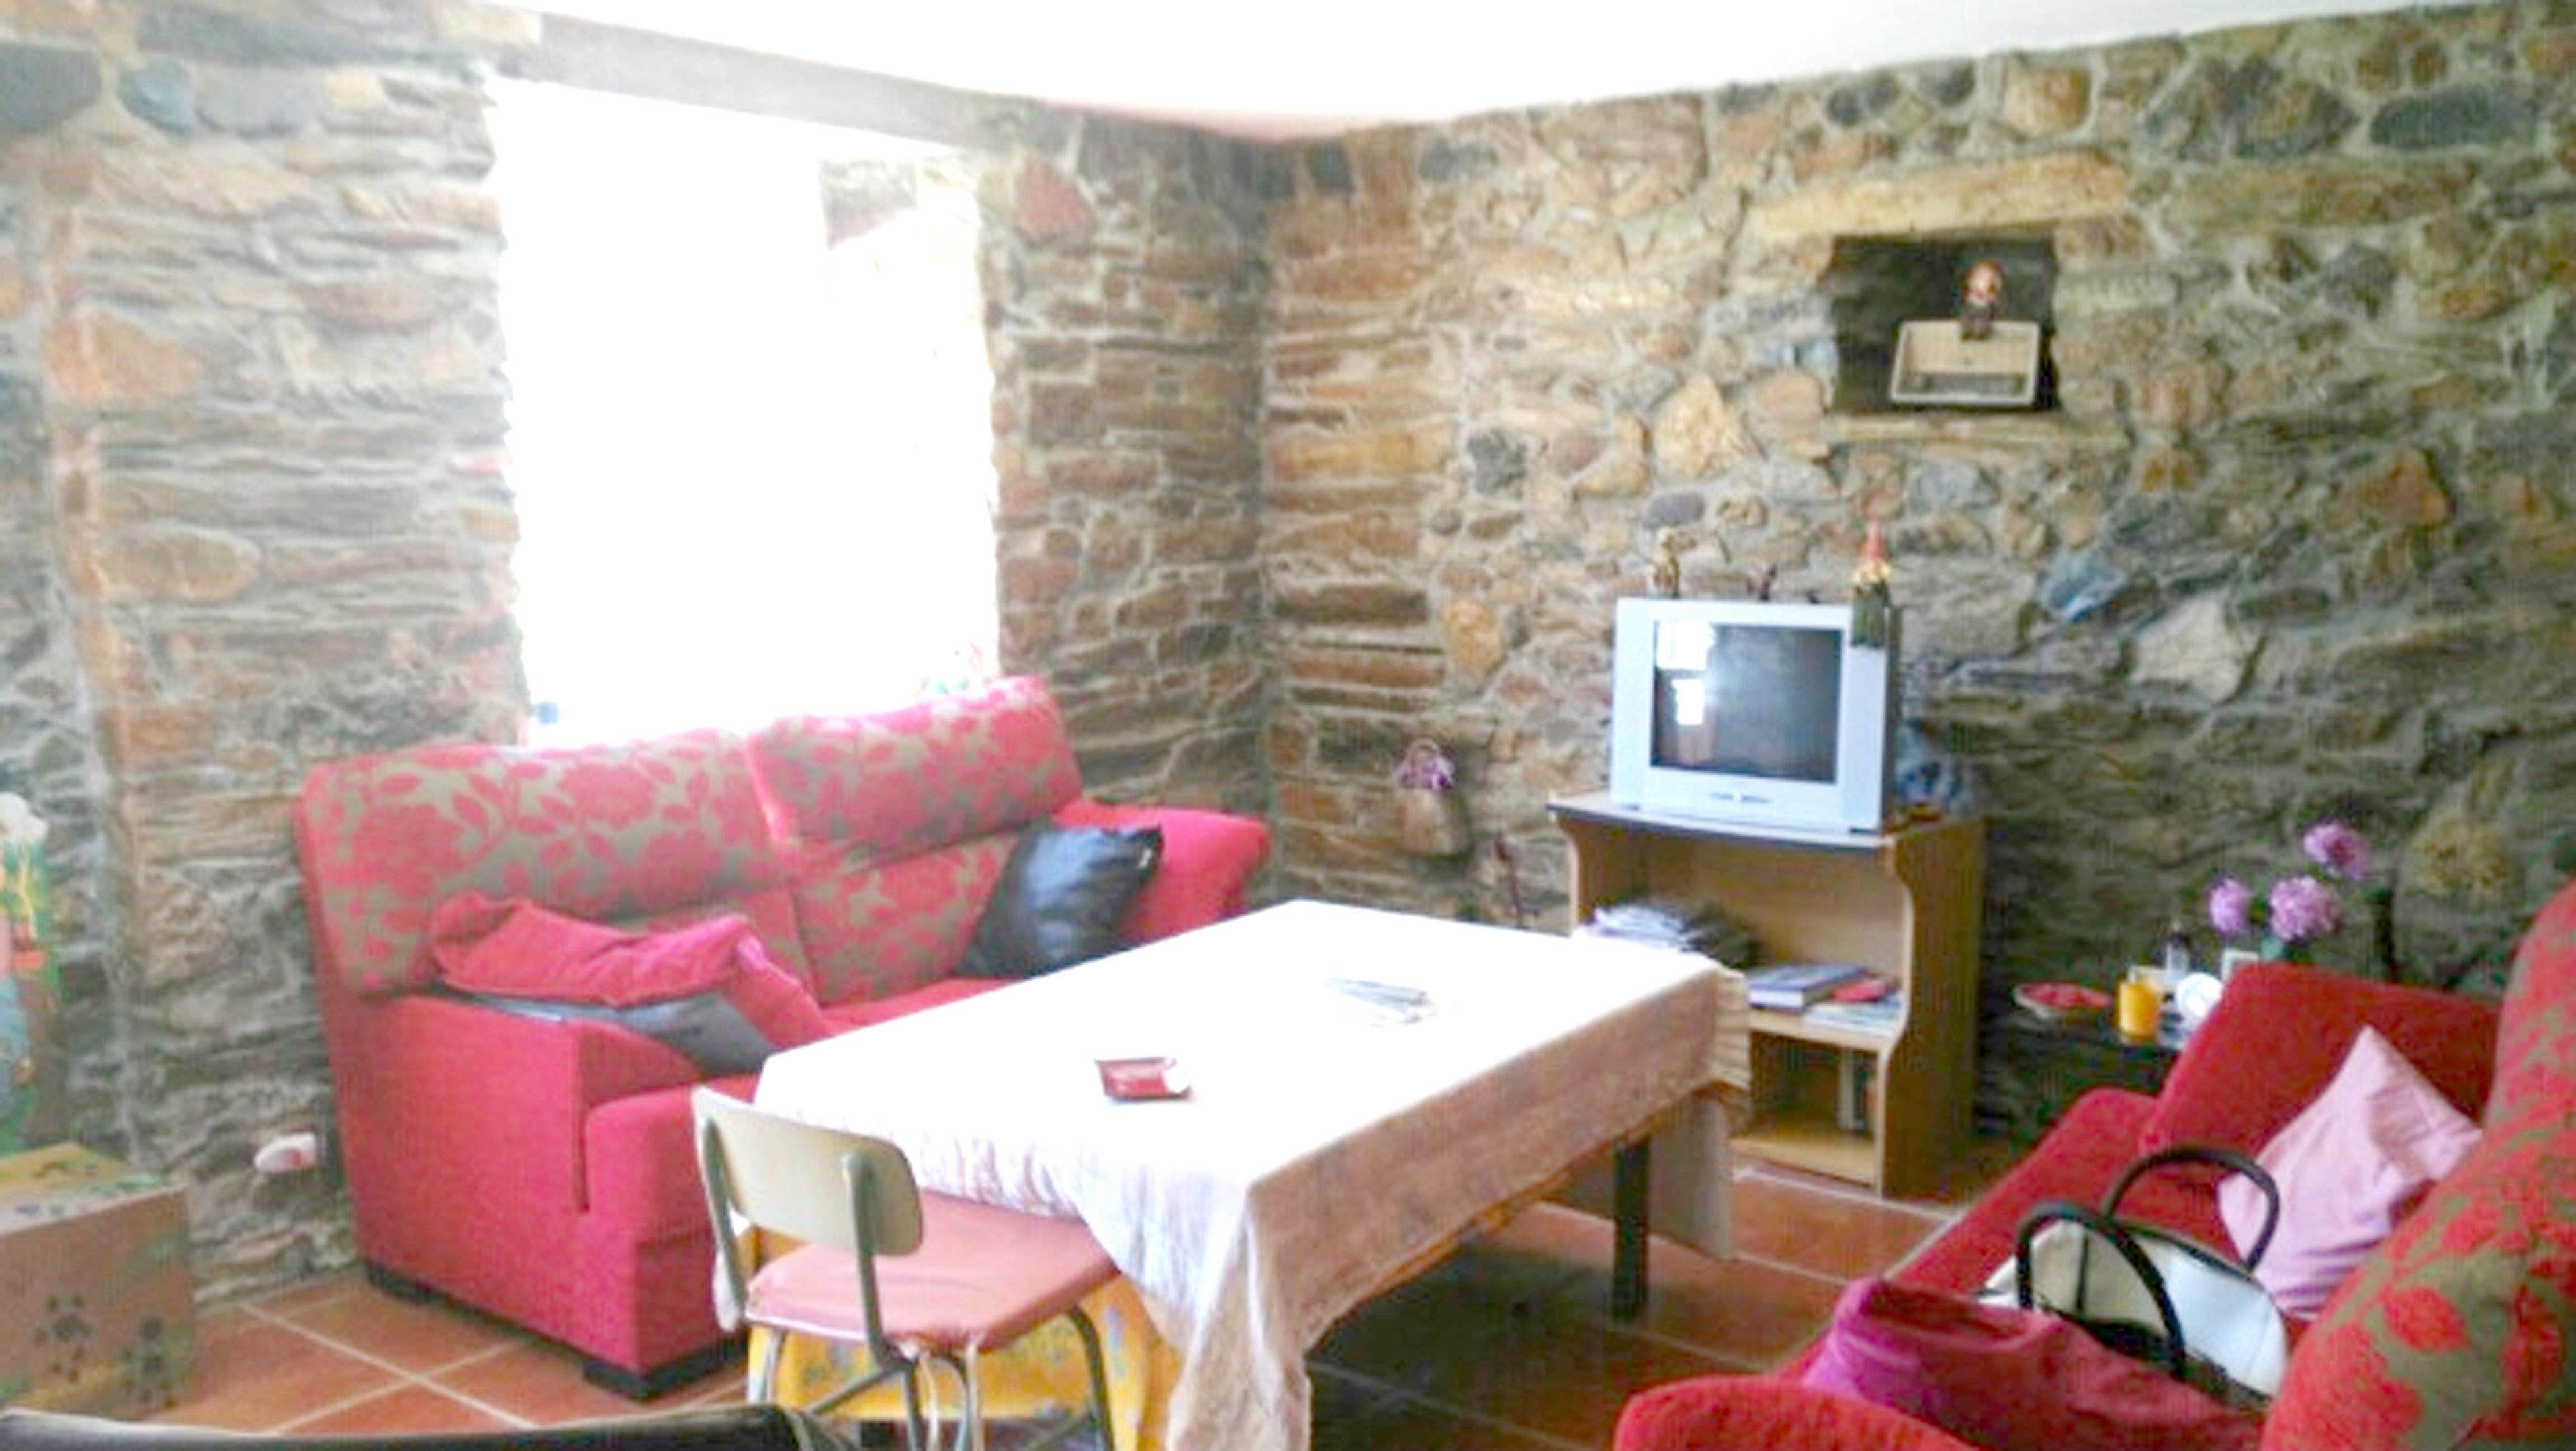 Ferienhaus Haus mit 4 Schlafzimmern in Baralla mit möbliertem Garten (2202040), Baralla, Lugo, Galicien, Spanien, Bild 4